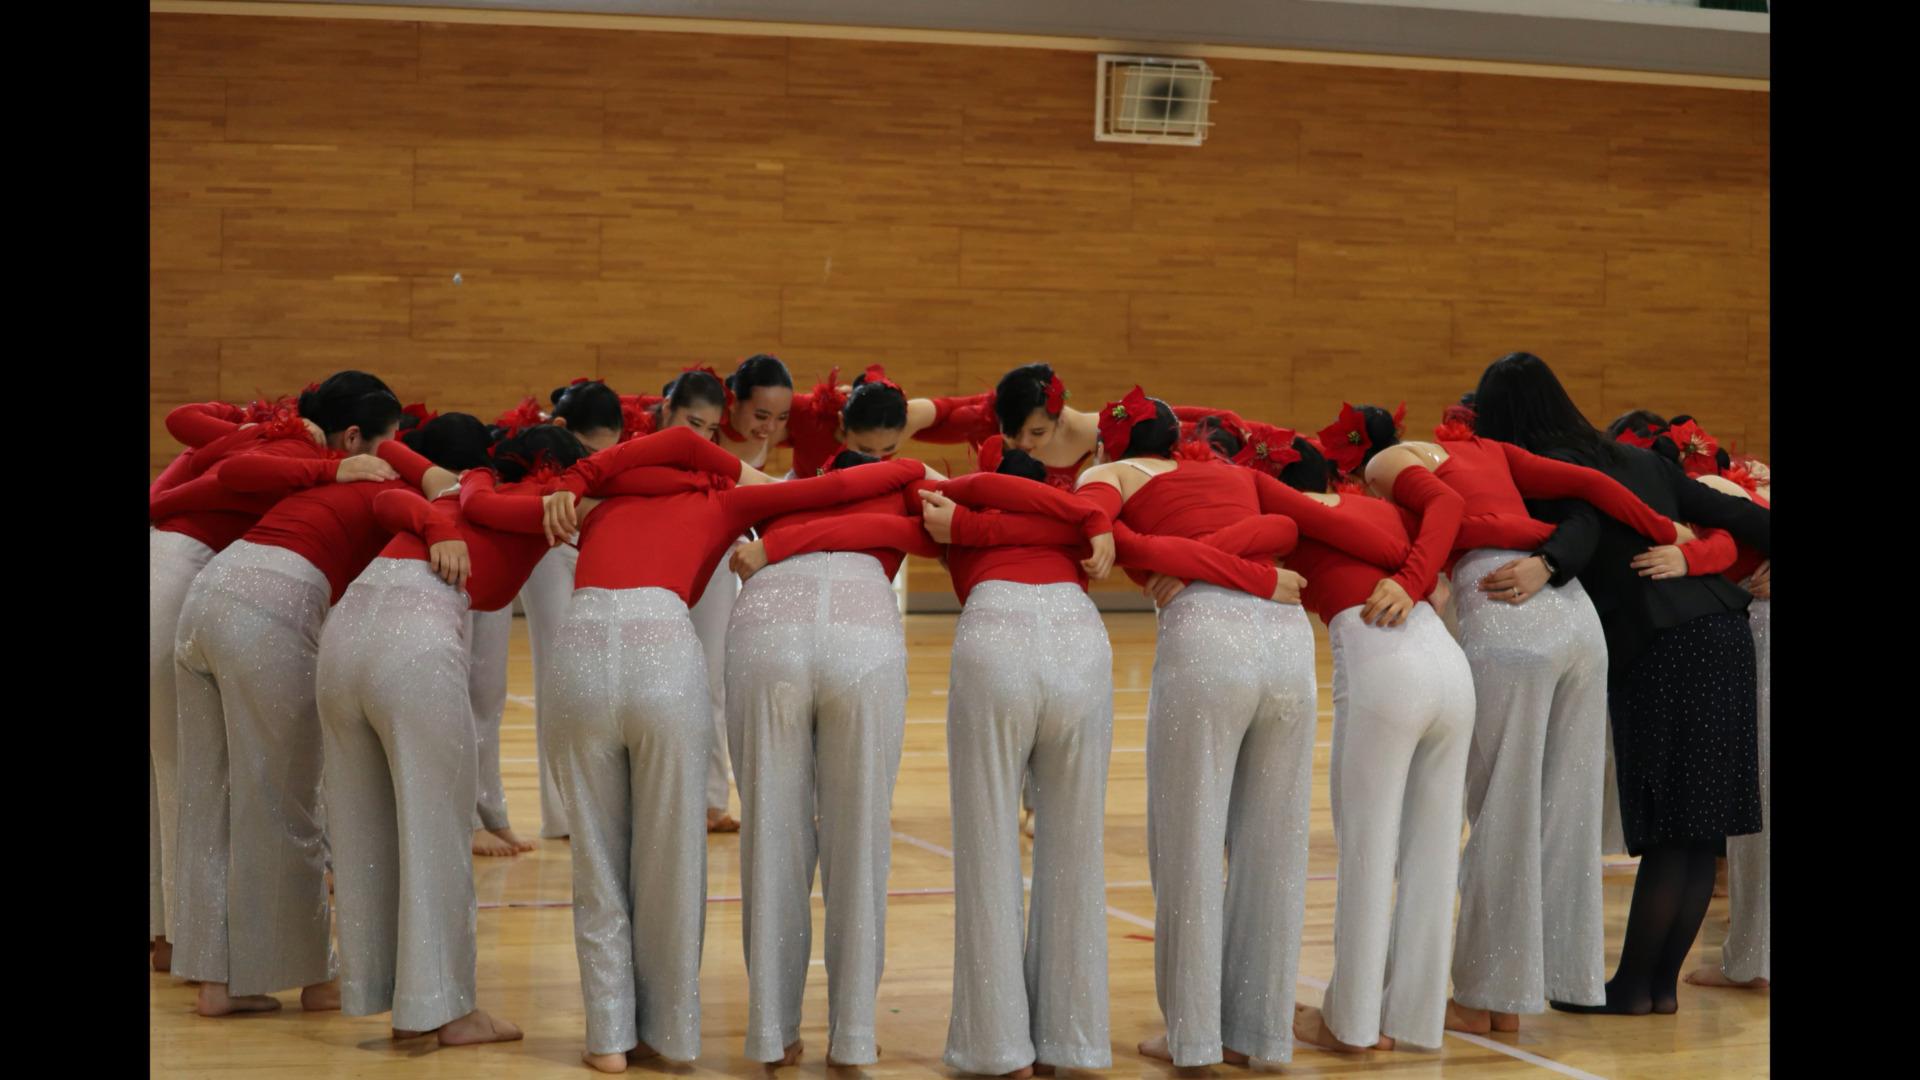 第8回全国高等学校ダンス部選手権 DCC Dream girls/One night only 都立農業高校ダンス部 提出映像 03:18